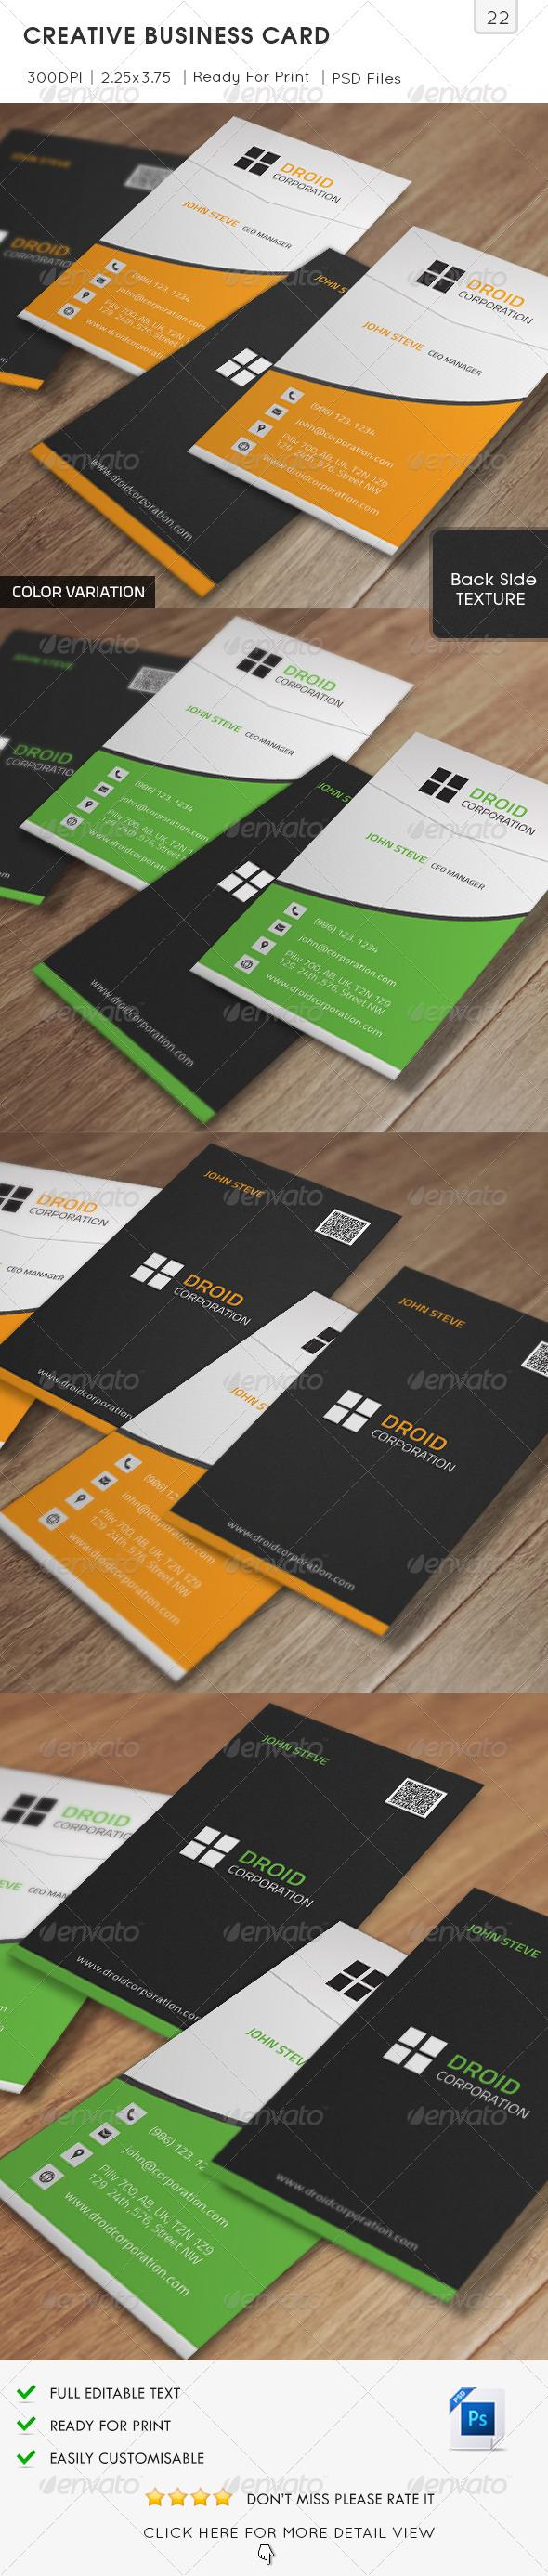 GraphicRiver Creative Business Card v22 6237005